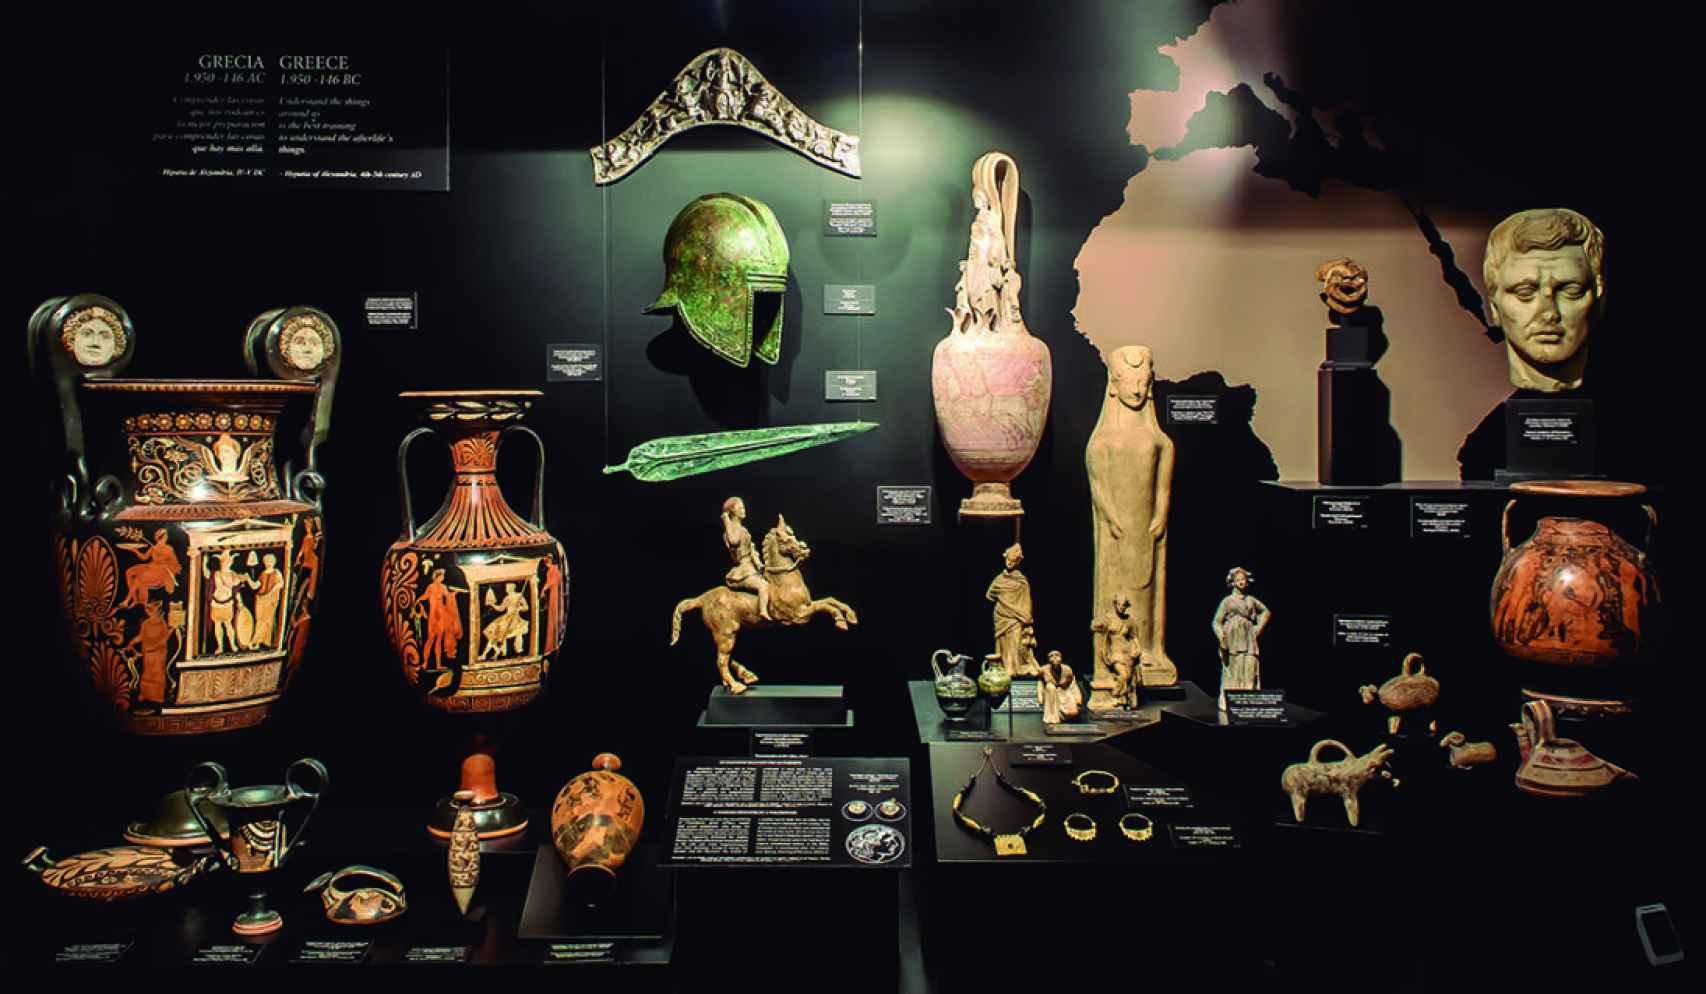 Vista de la vitrina que reúne las piezas arqueológicas de la Antigua Grecia.